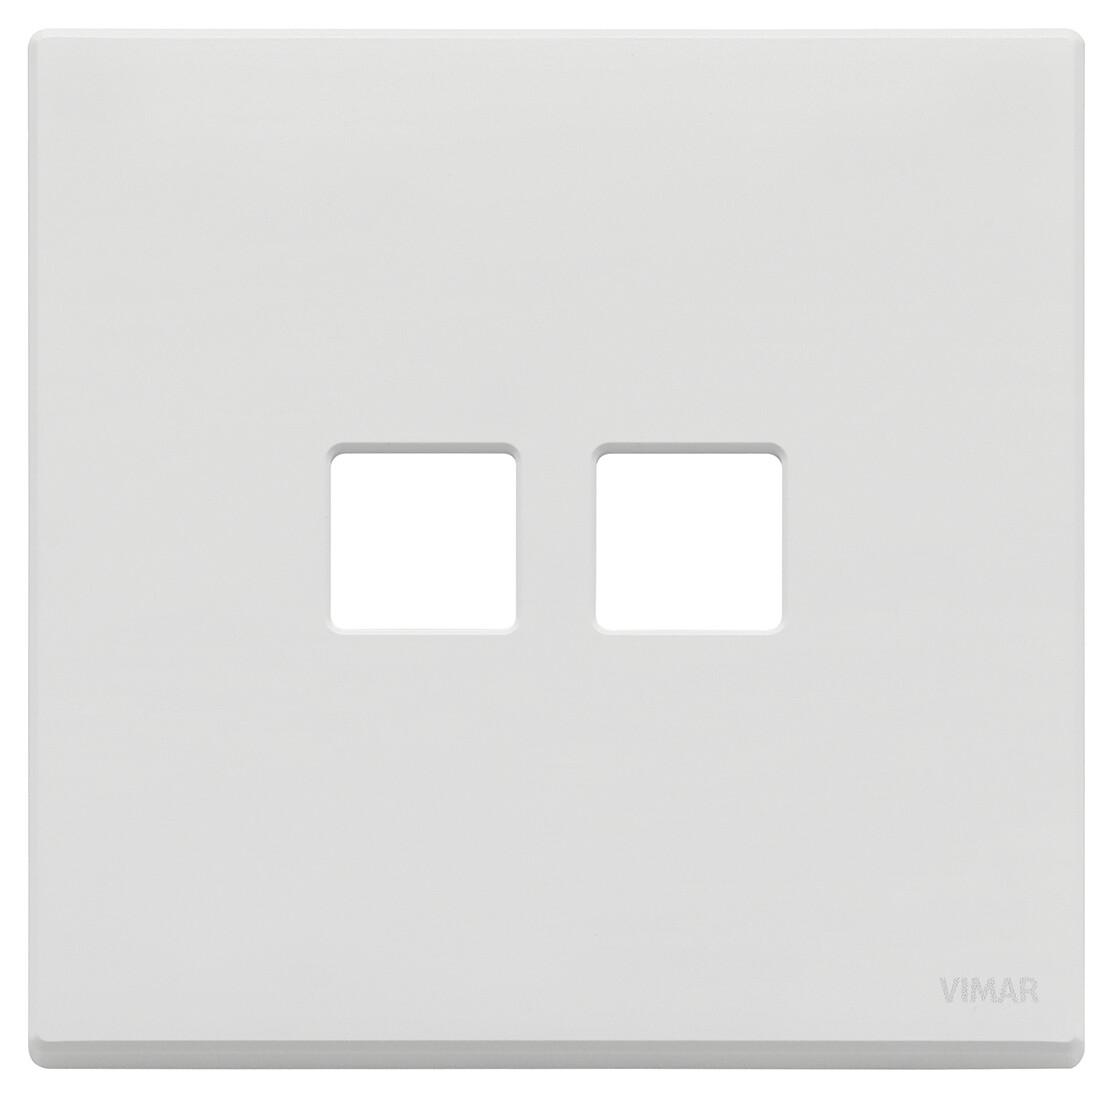 Накладка, 2 мод на 2 кн., белая матовая